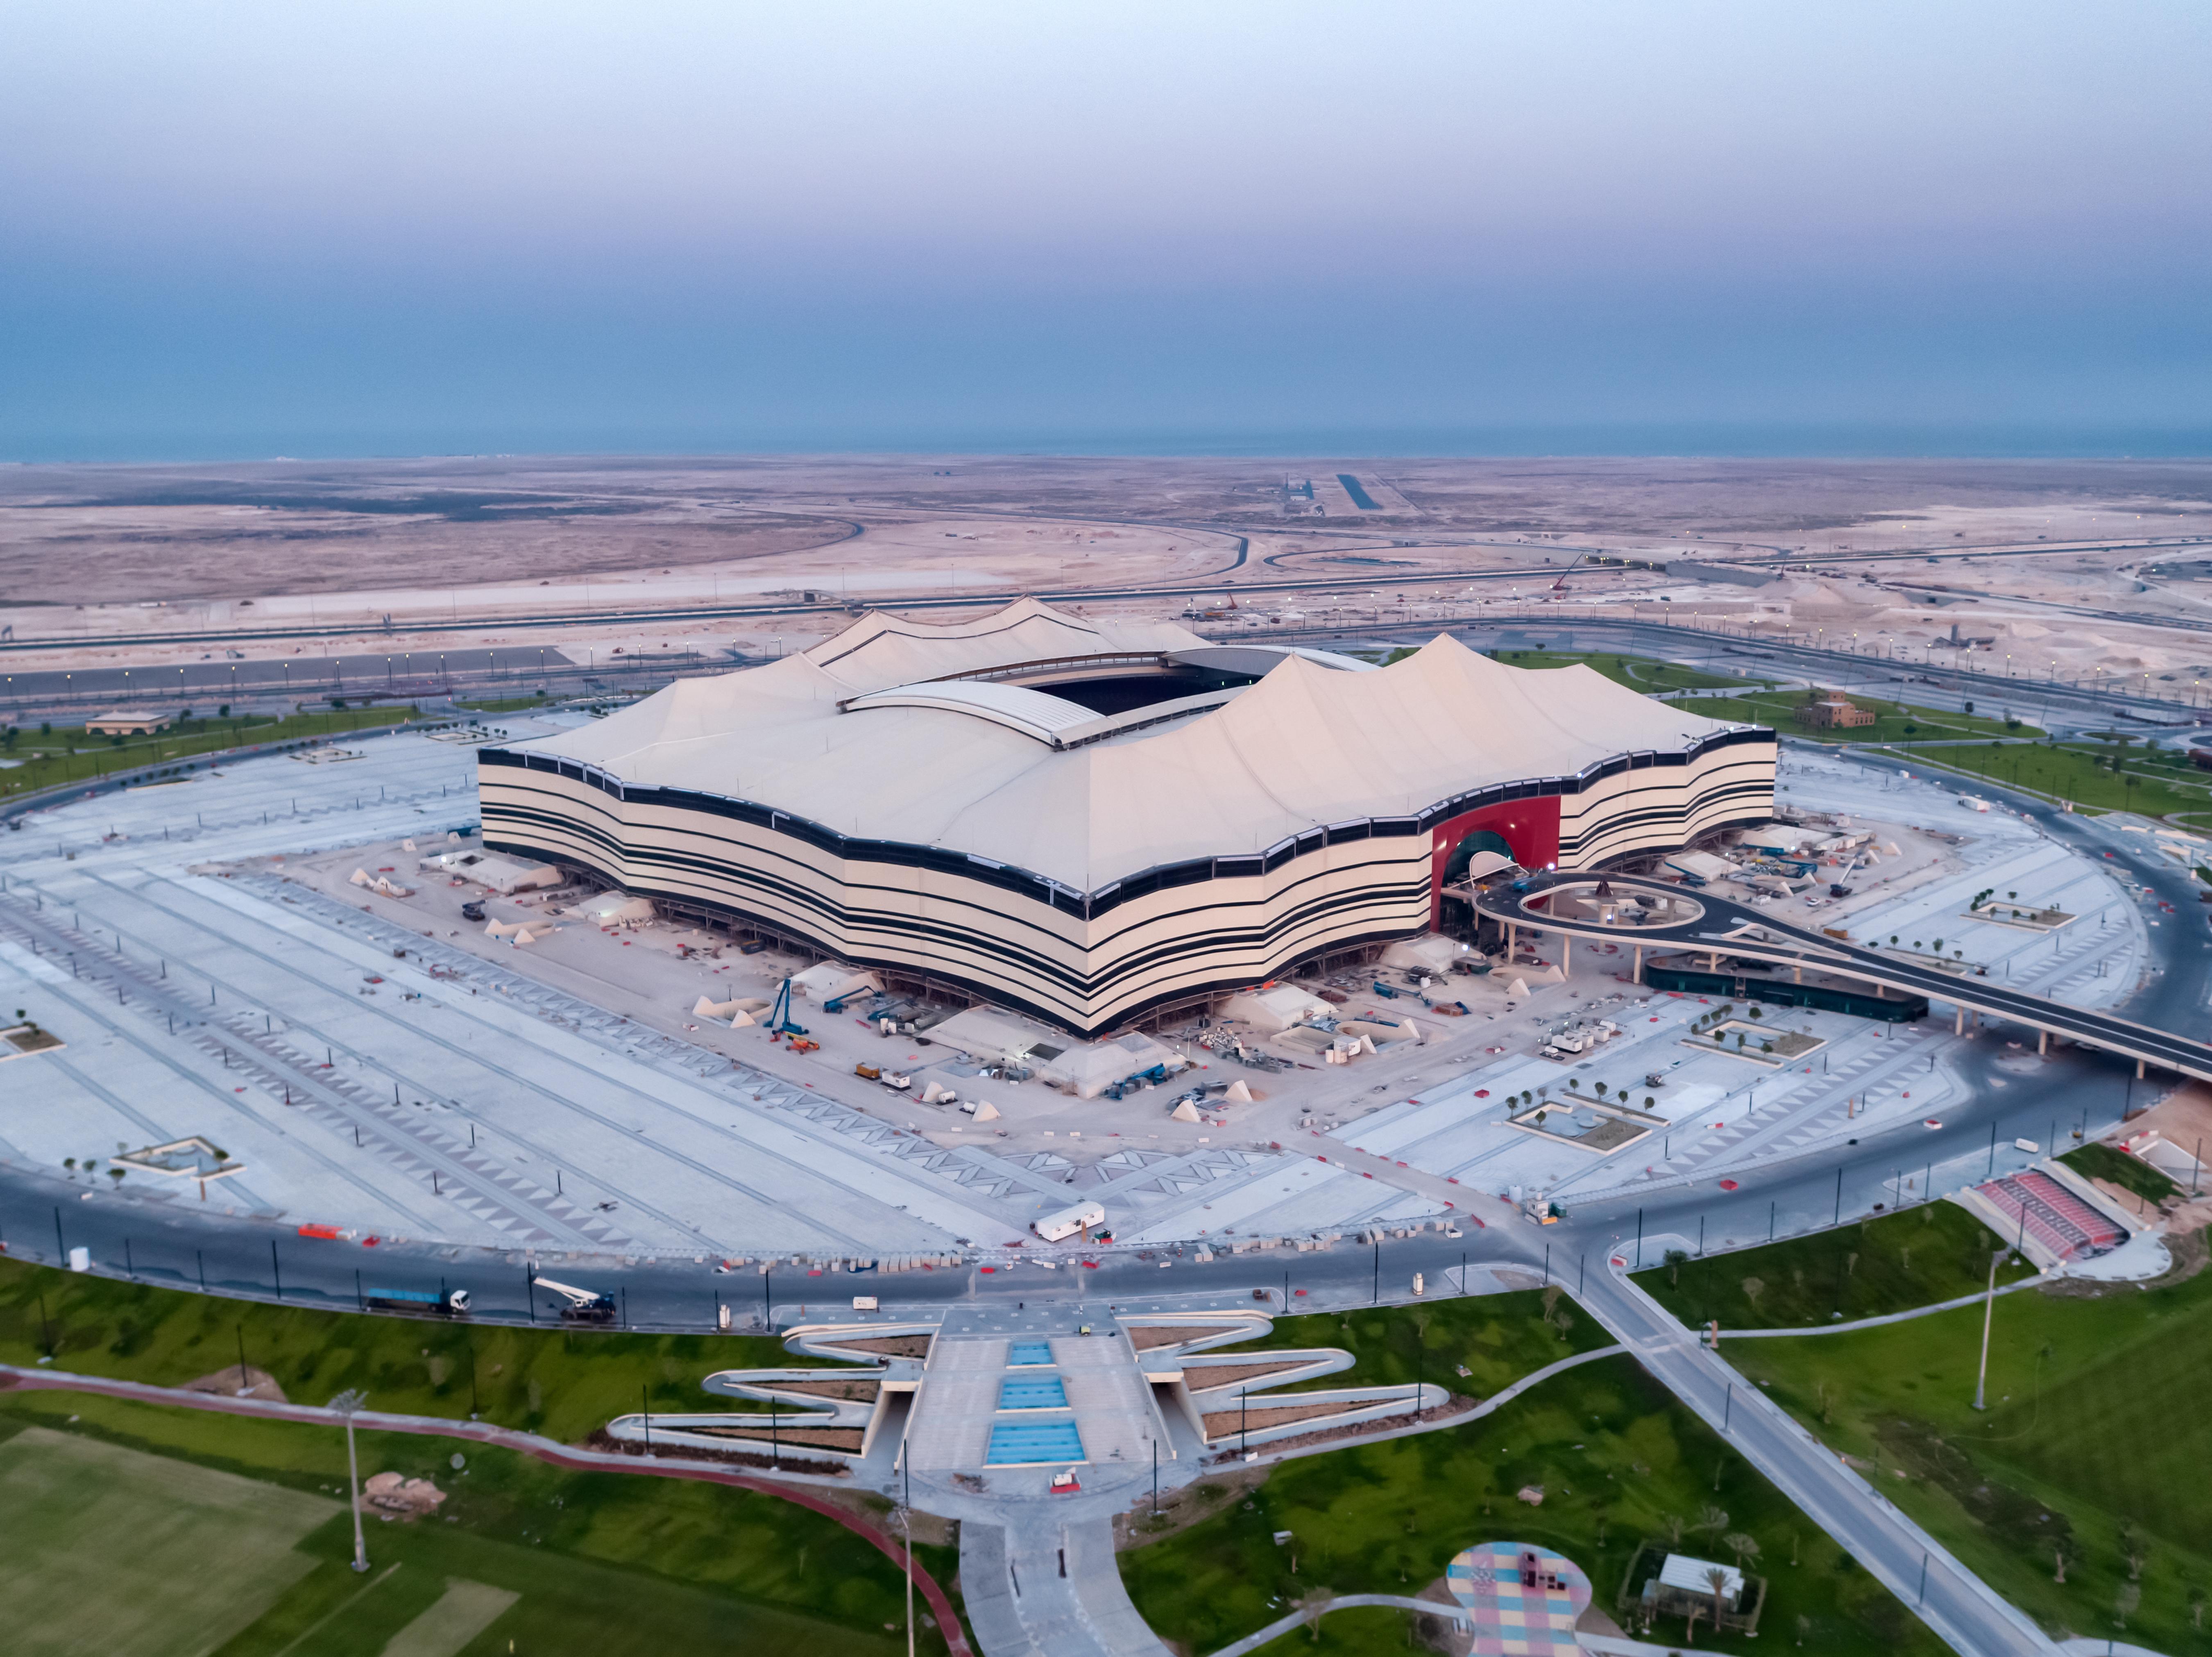 Experiencia de lujo en Estadio Al Bayt, para el Mundial de Qatar 2022